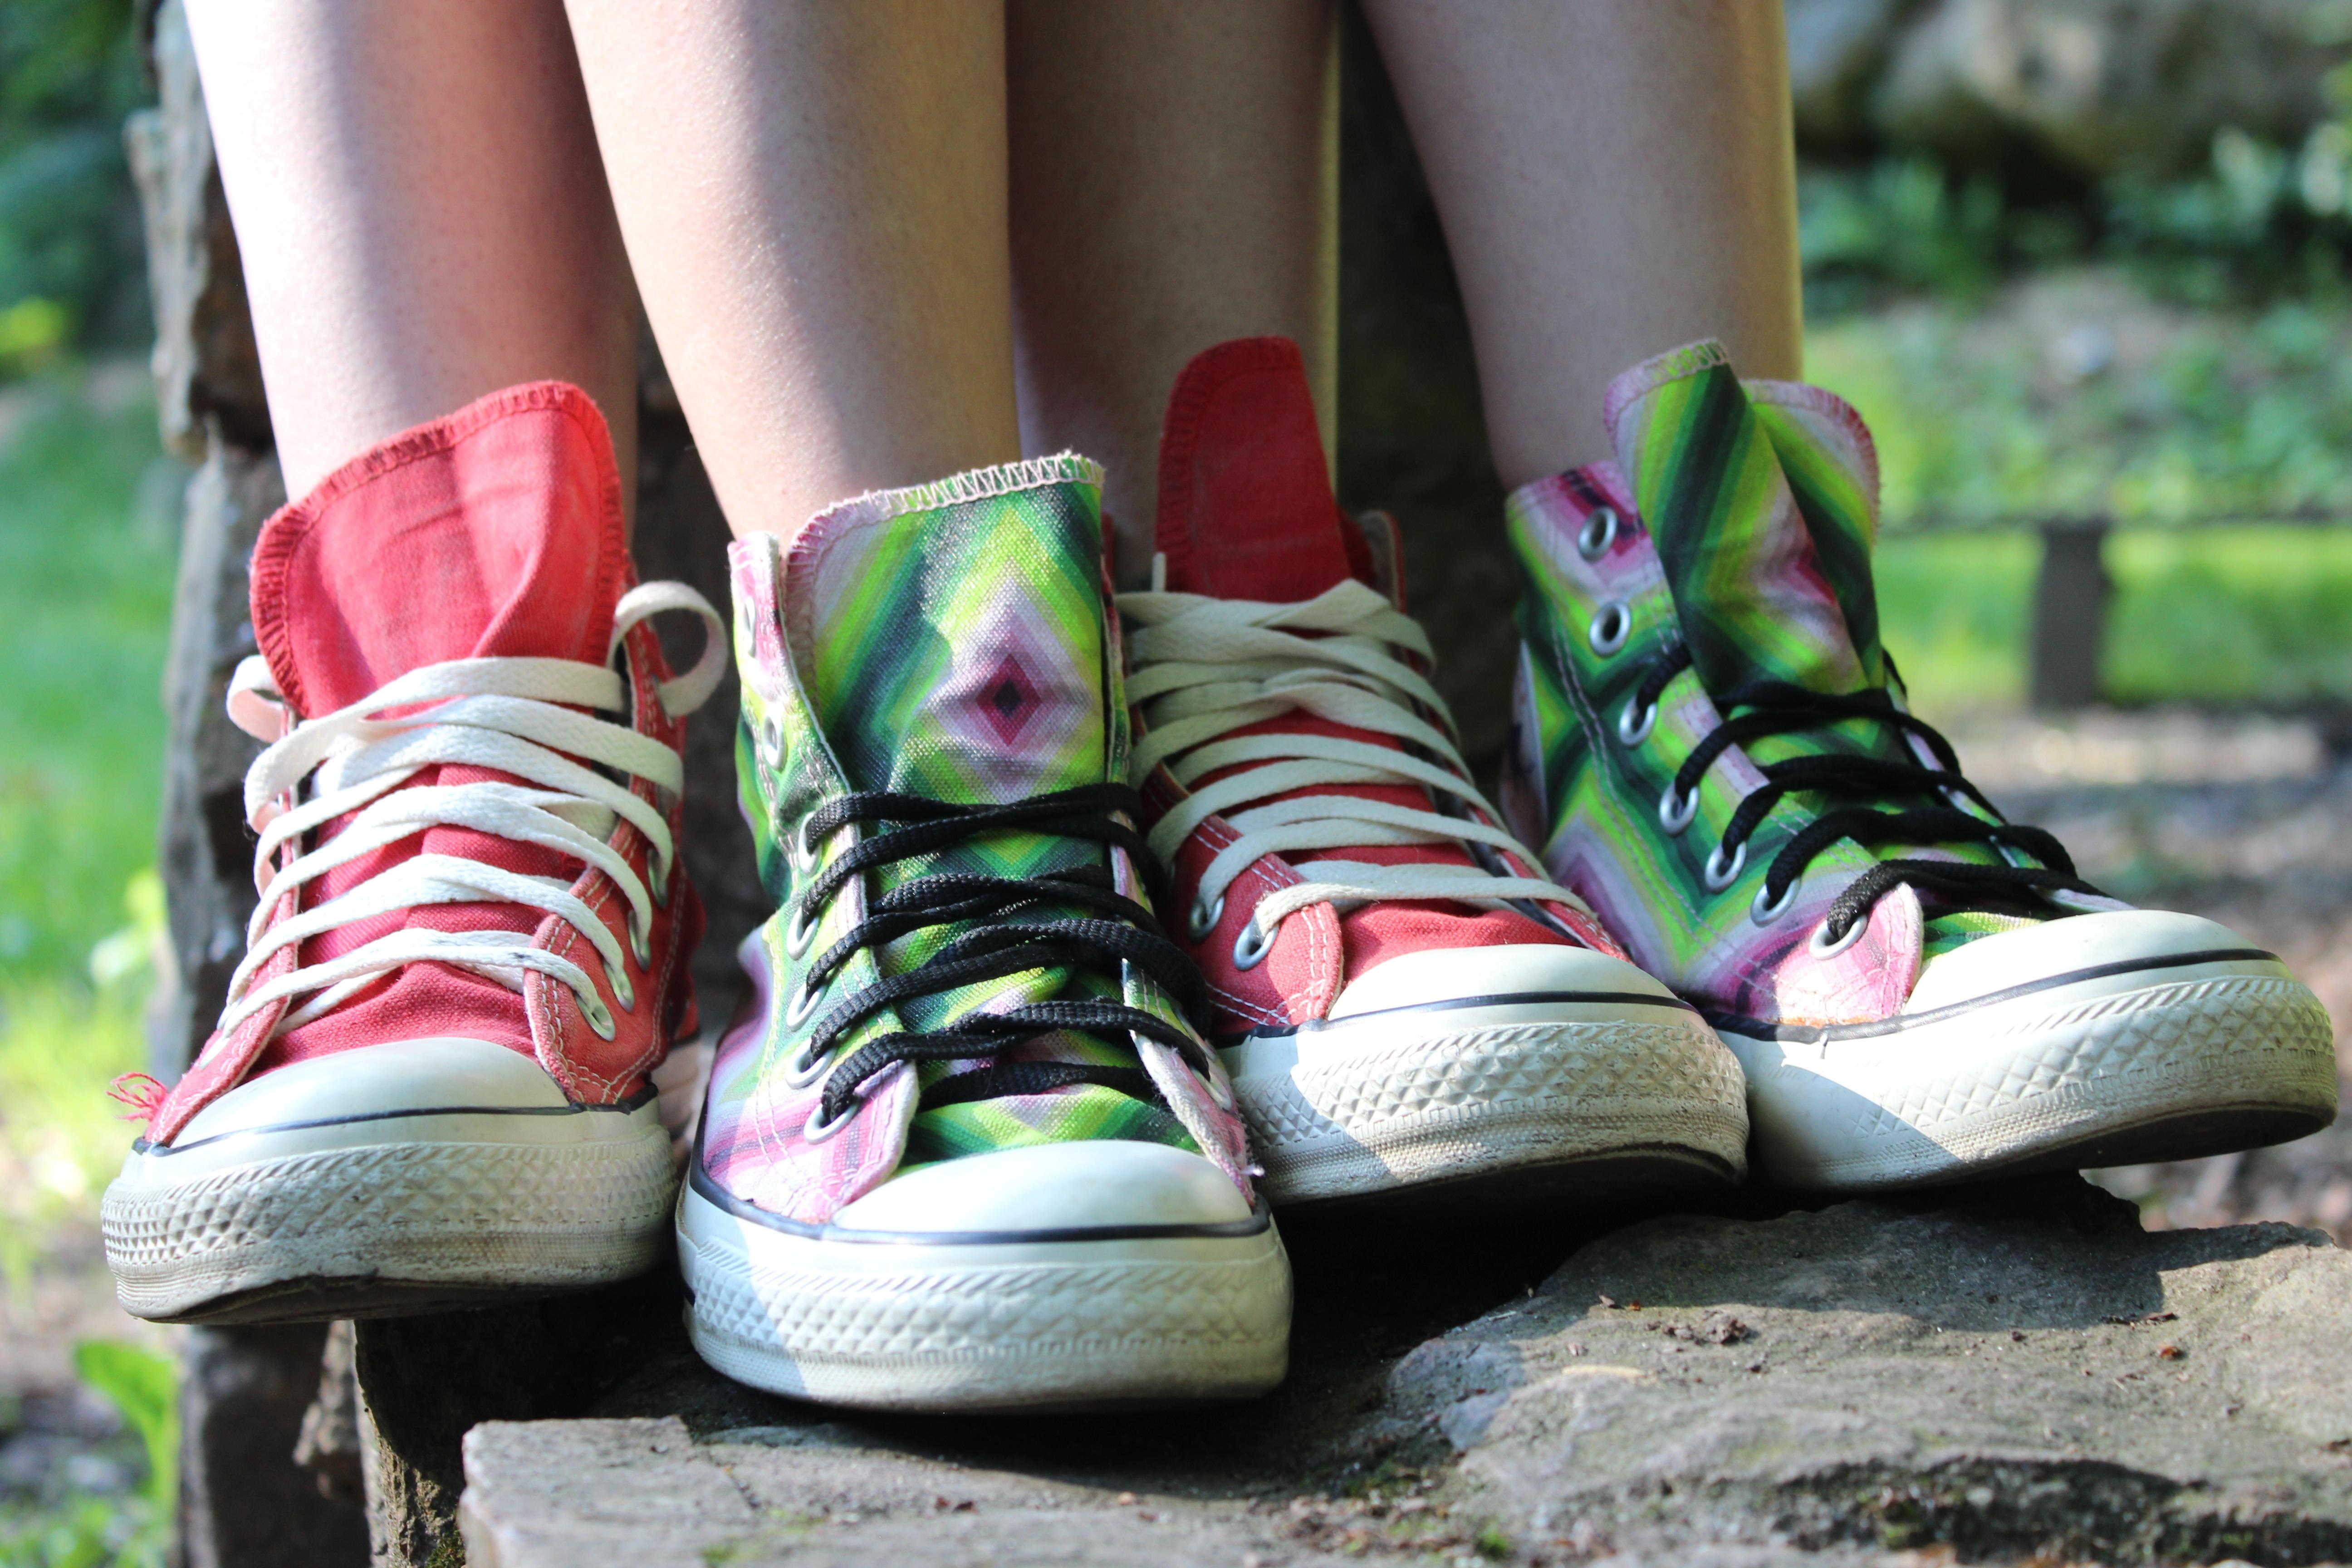 1eb954b3e5 cipő láb láb tavaszi zöld szín divat minden csillag márka cipő csizma  tornacipő társalog cipő sportcipő